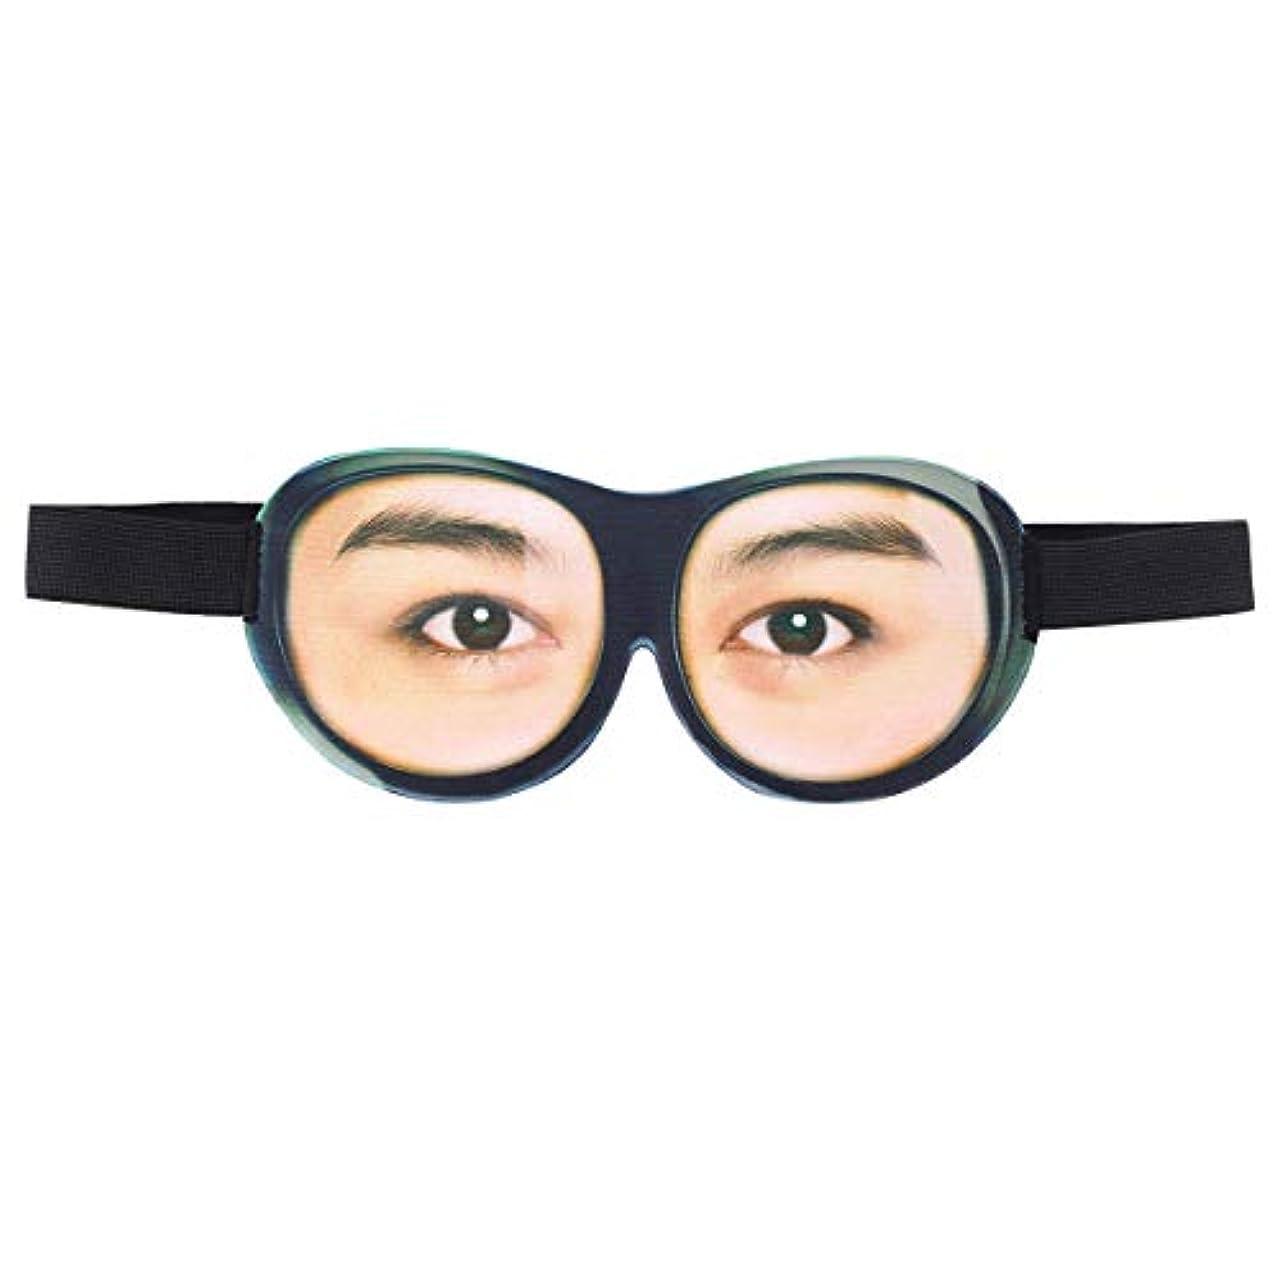 シンポジウム光沢ホストHealifty 3D面白いアイシェード睡眠マスク旅行アイマスク目隠し睡眠ヘルパーアイシェード男性女性旅行昼寝と深い眠り(優しいふりをする)